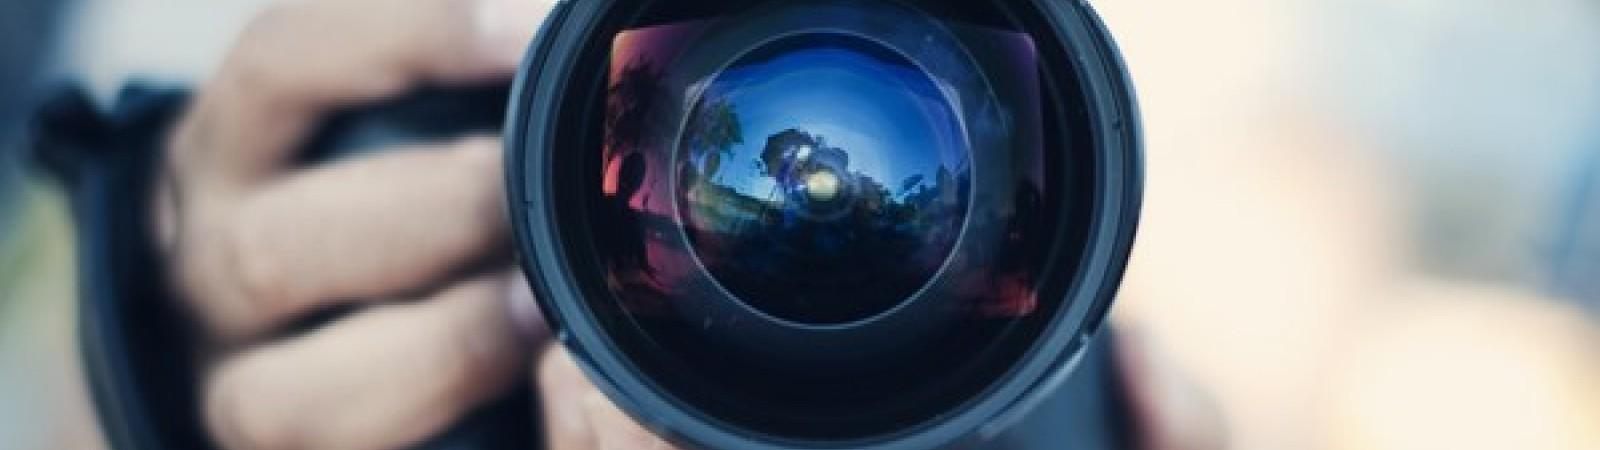 Corso Online di Fotografo Professionista